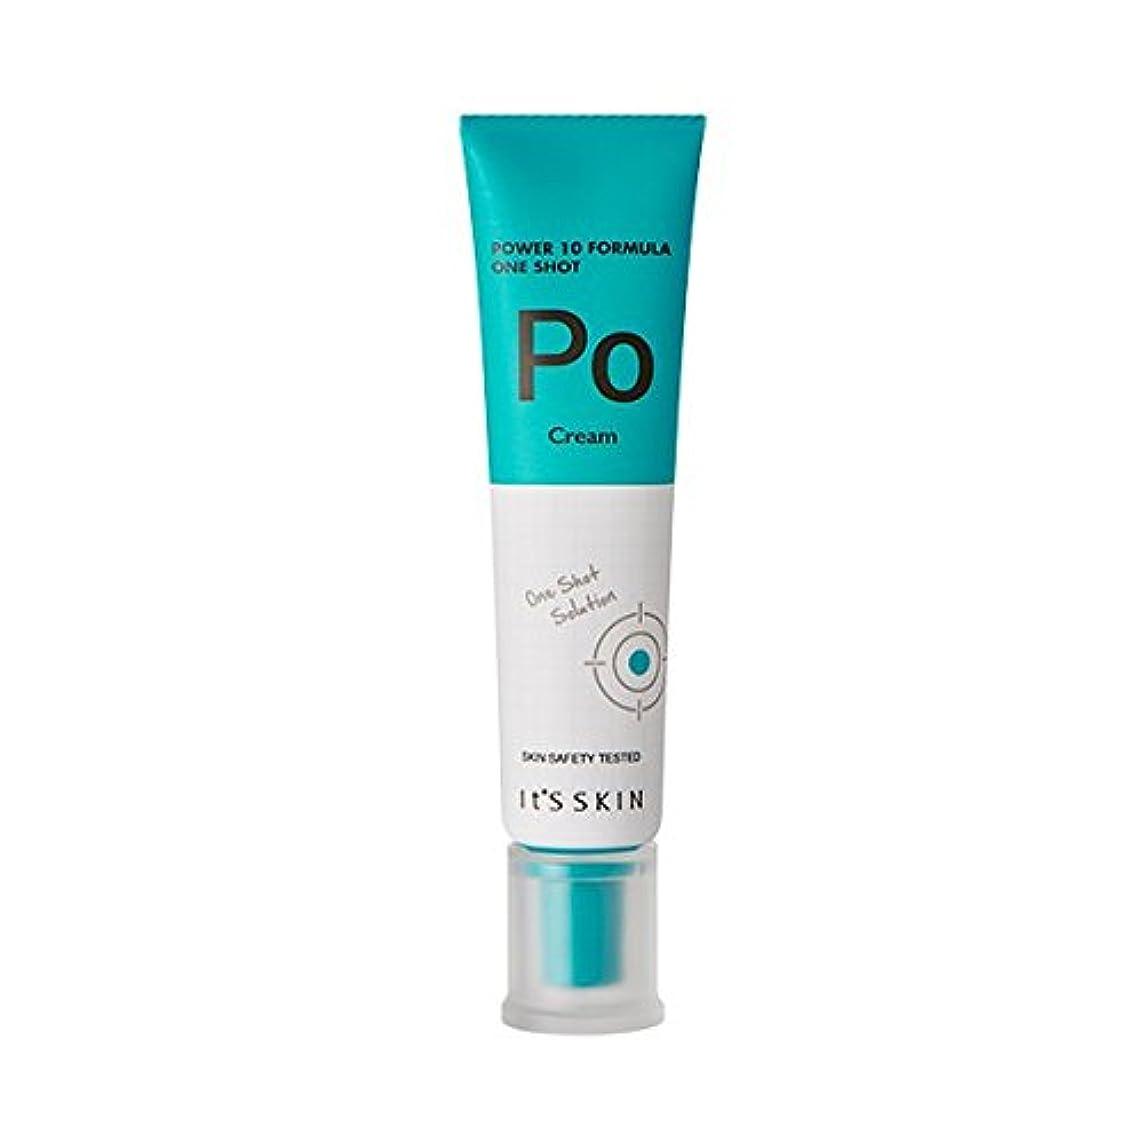 海洋機関フォロー[New] It's Skin Power 10 Formula One Shot Cream (Po) / イッツスキンパワー10 フォーミュラワンショットクリーム [並行輸入品]